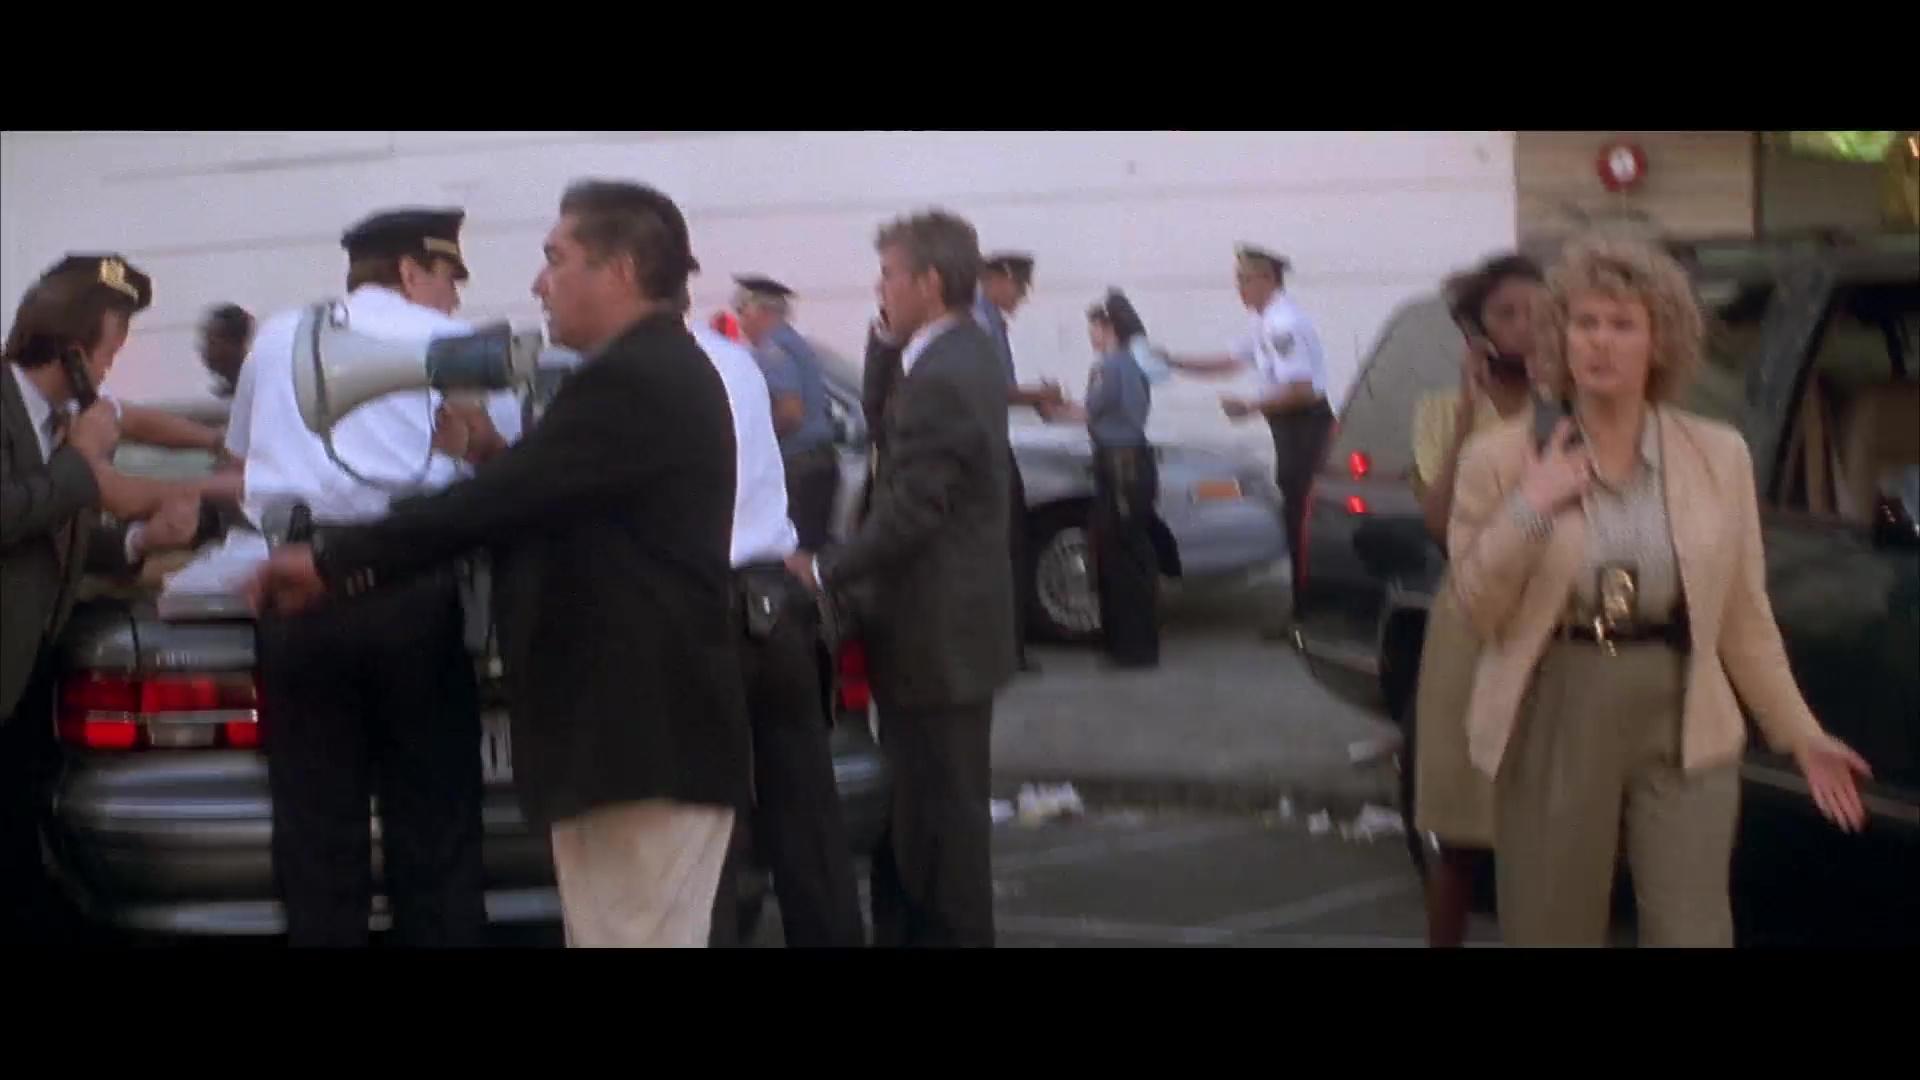 Duro De Matar 3 La Venganza 1080p Lat-Cast-Ing 5.1 (1995)